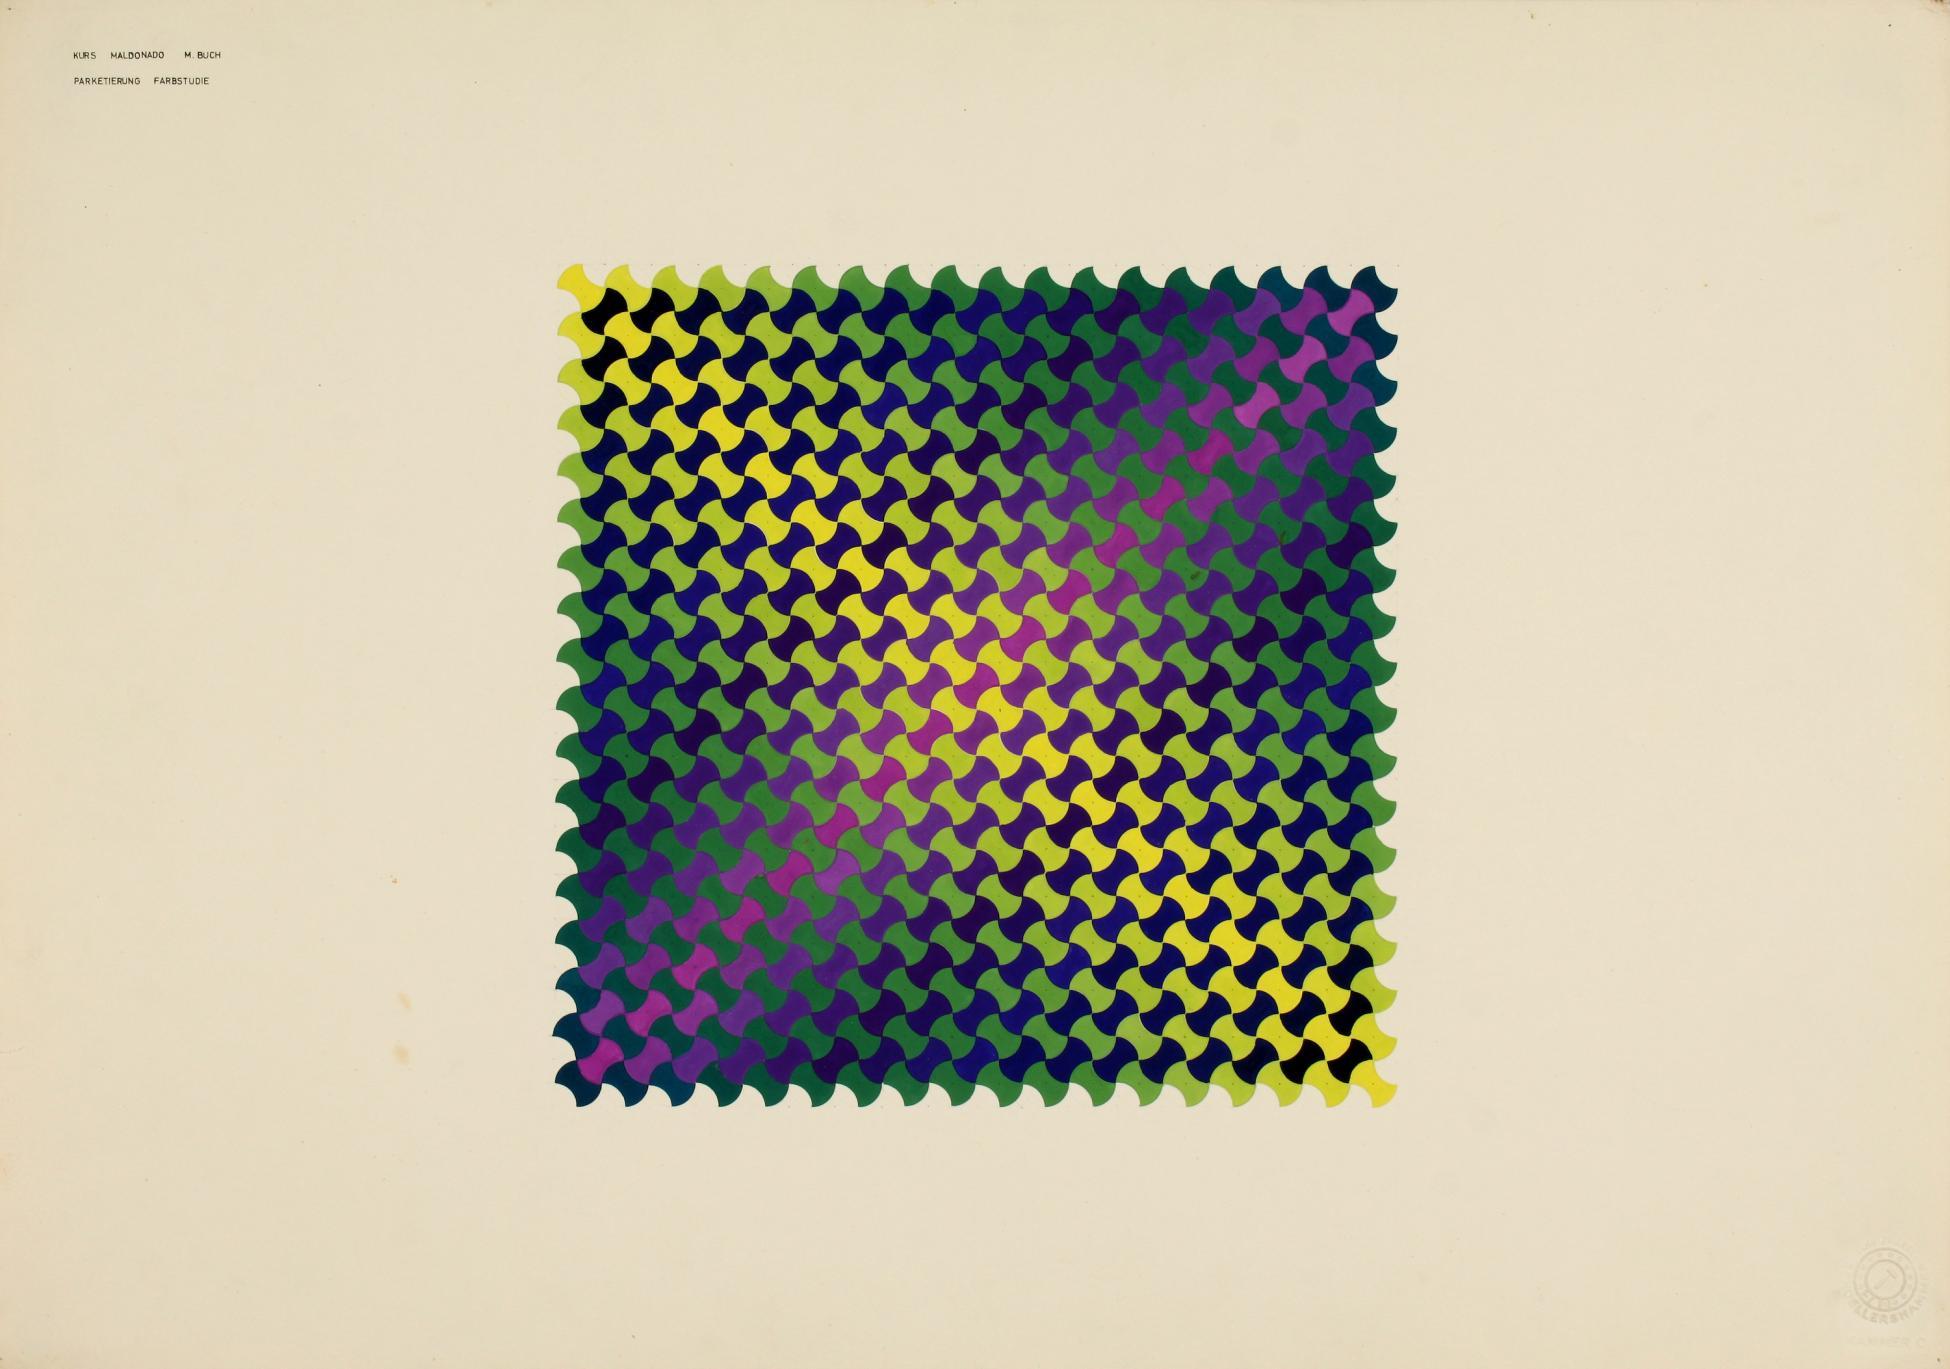 Parketierung Farbstudie (1957) - Monika Buch